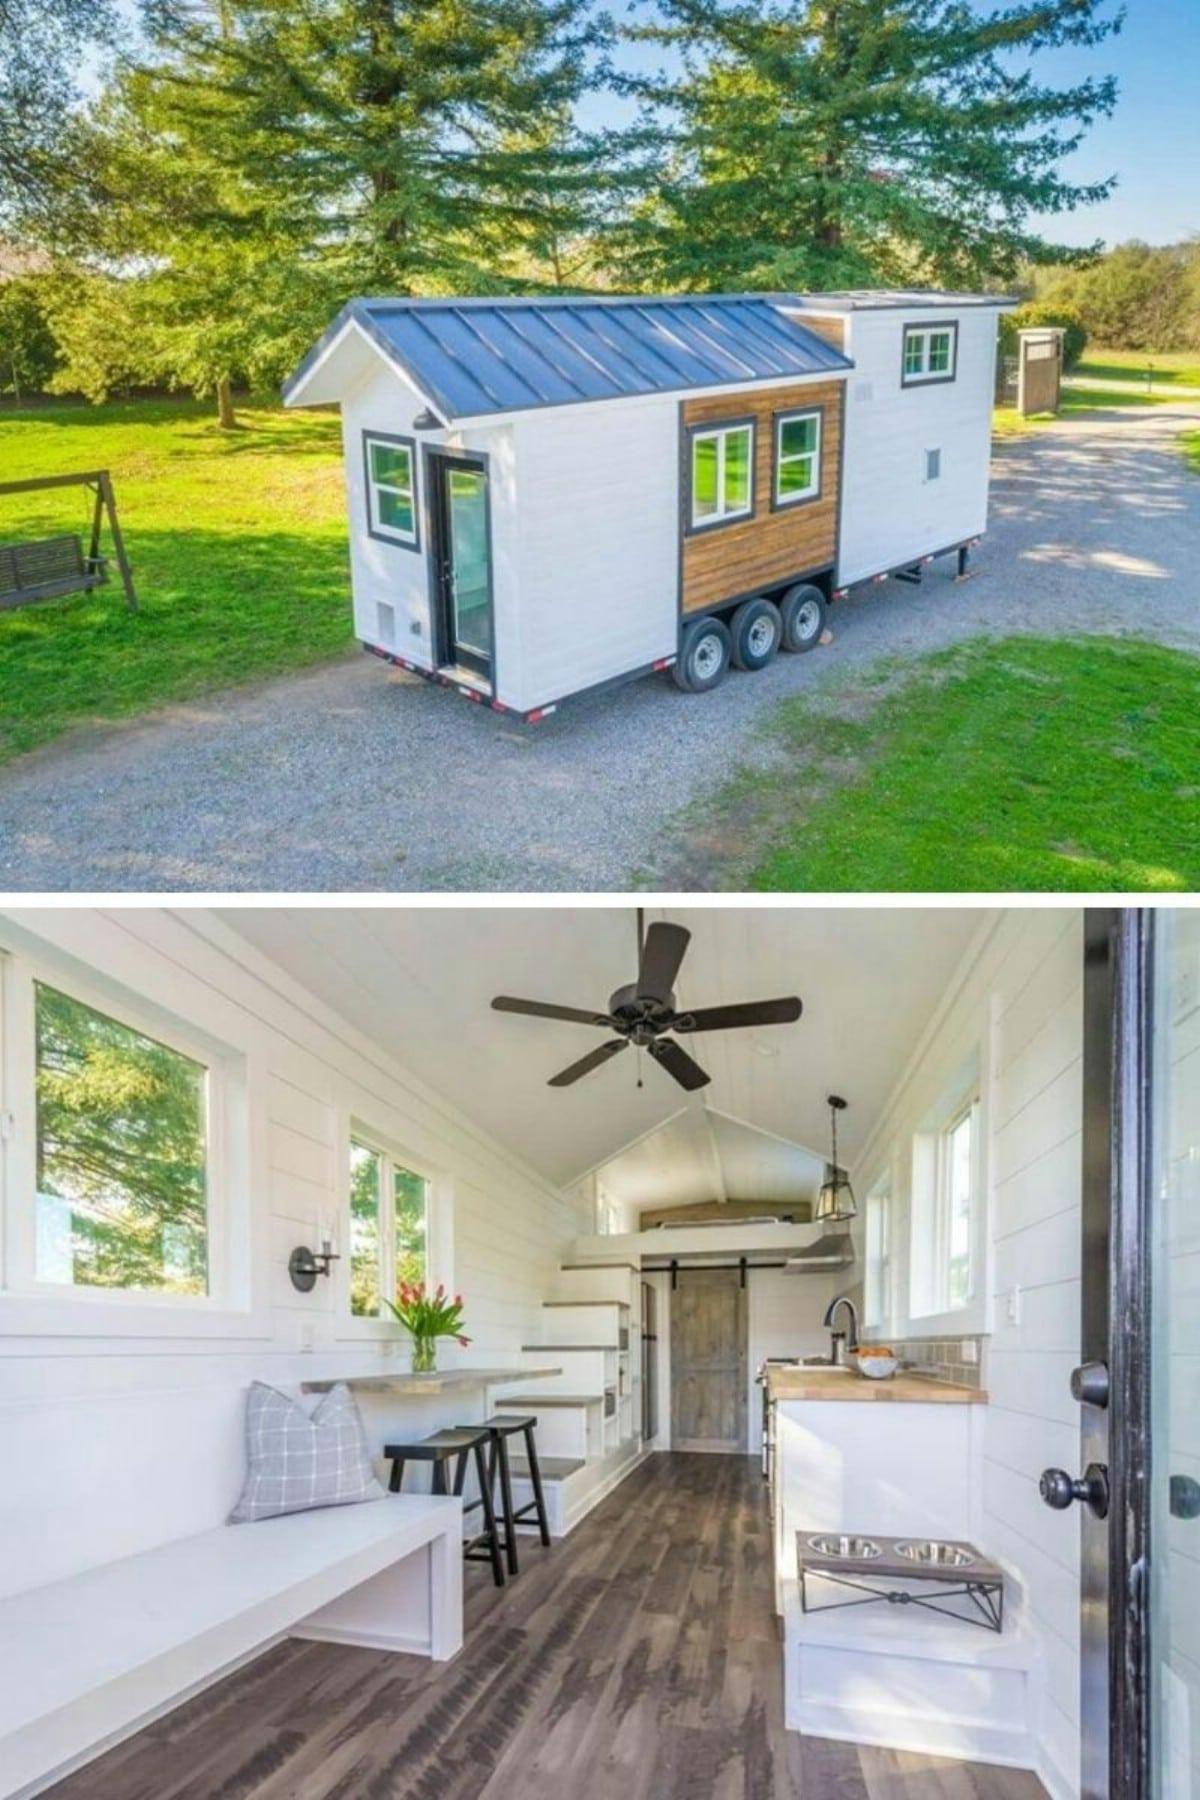 The Tack Tiny House from Anchored Tiny Homes